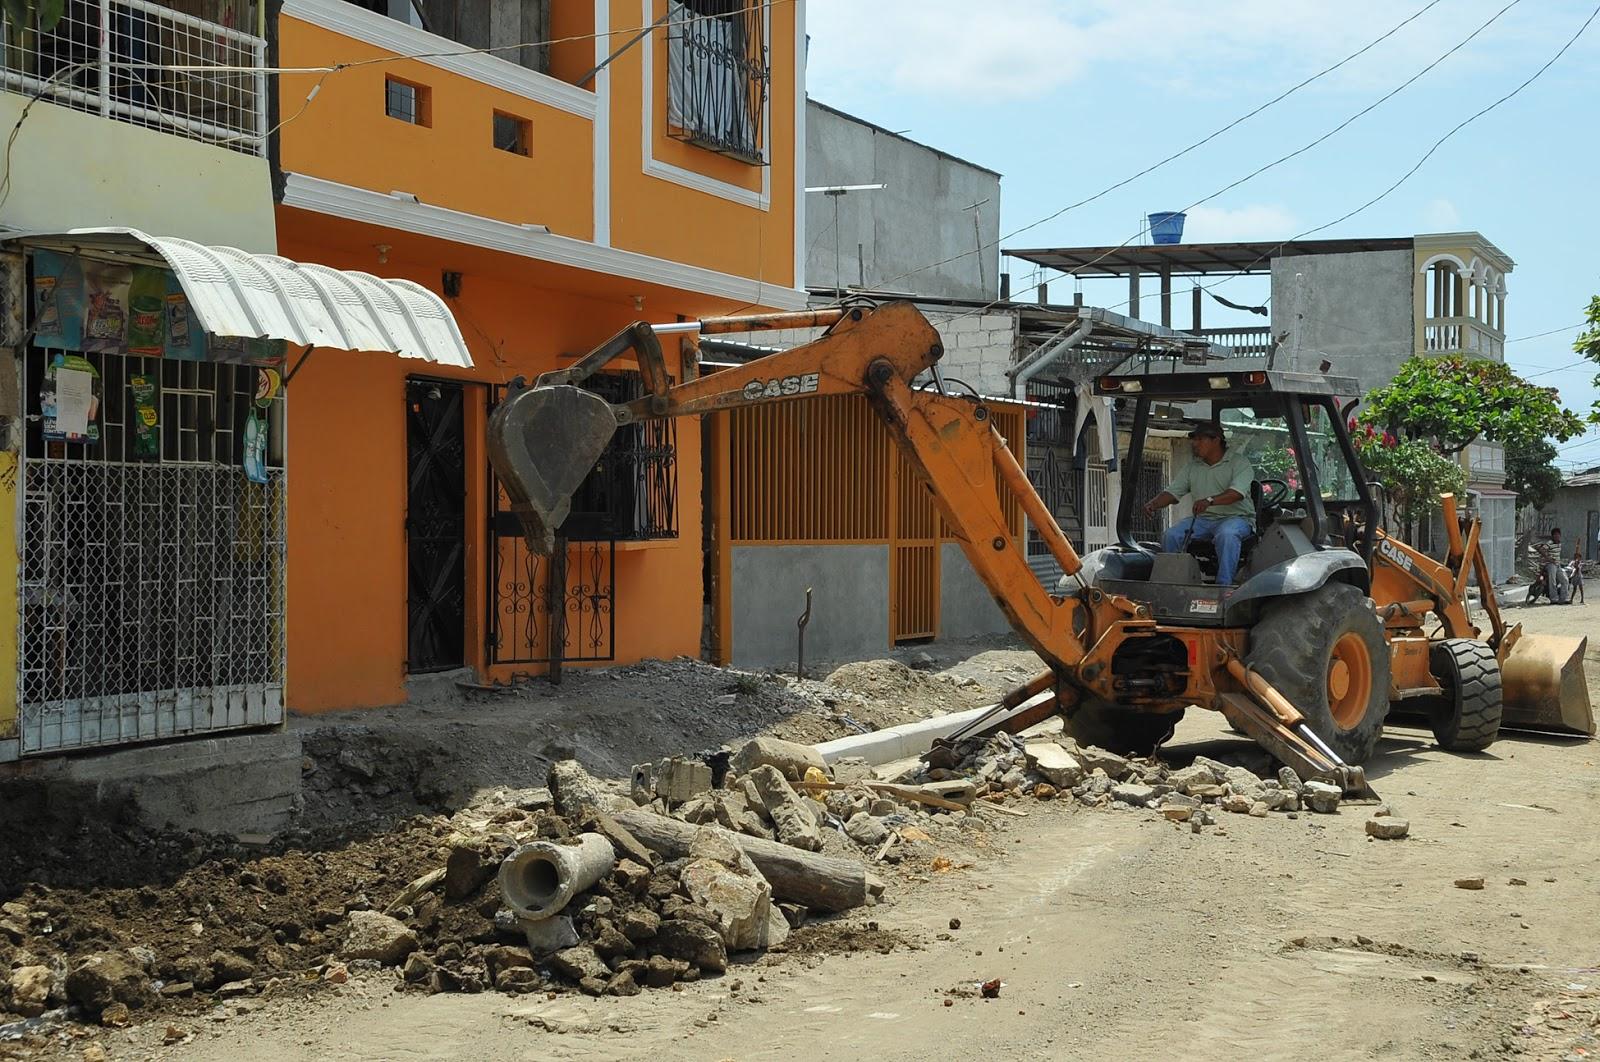 Blog municipio de guayaquil construye for Casas municipio guayaquil